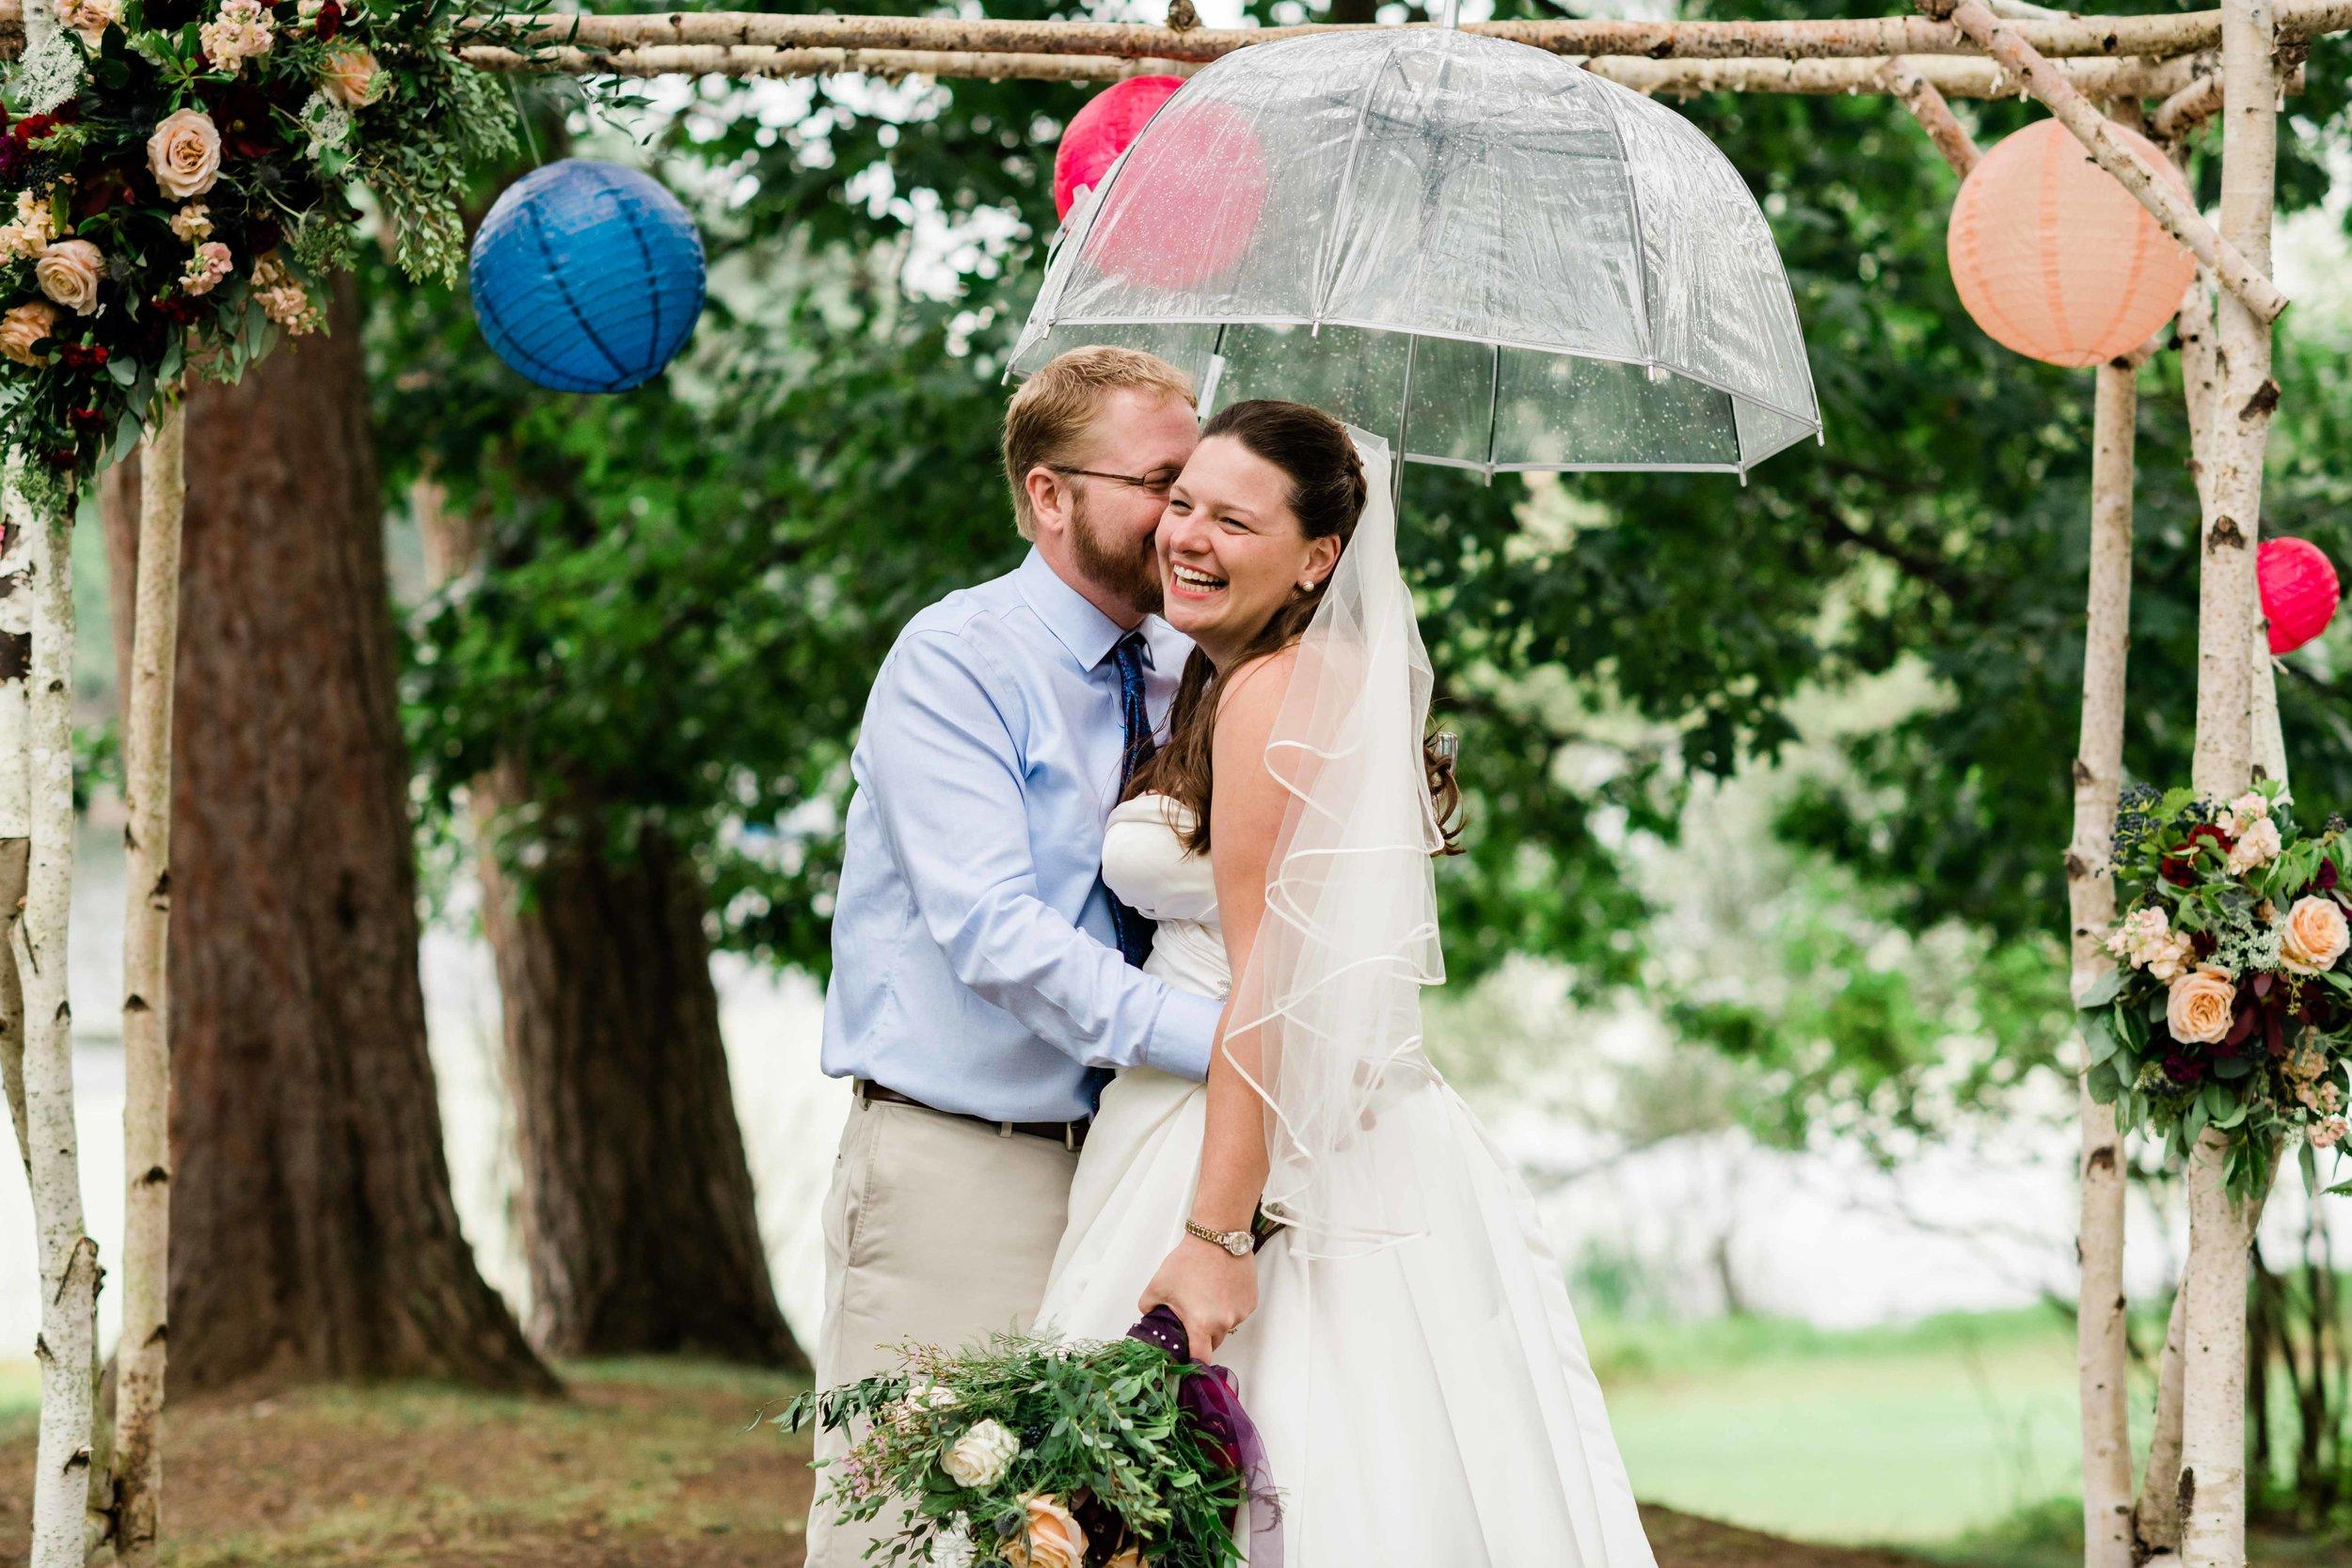 Groom makes bride laugh